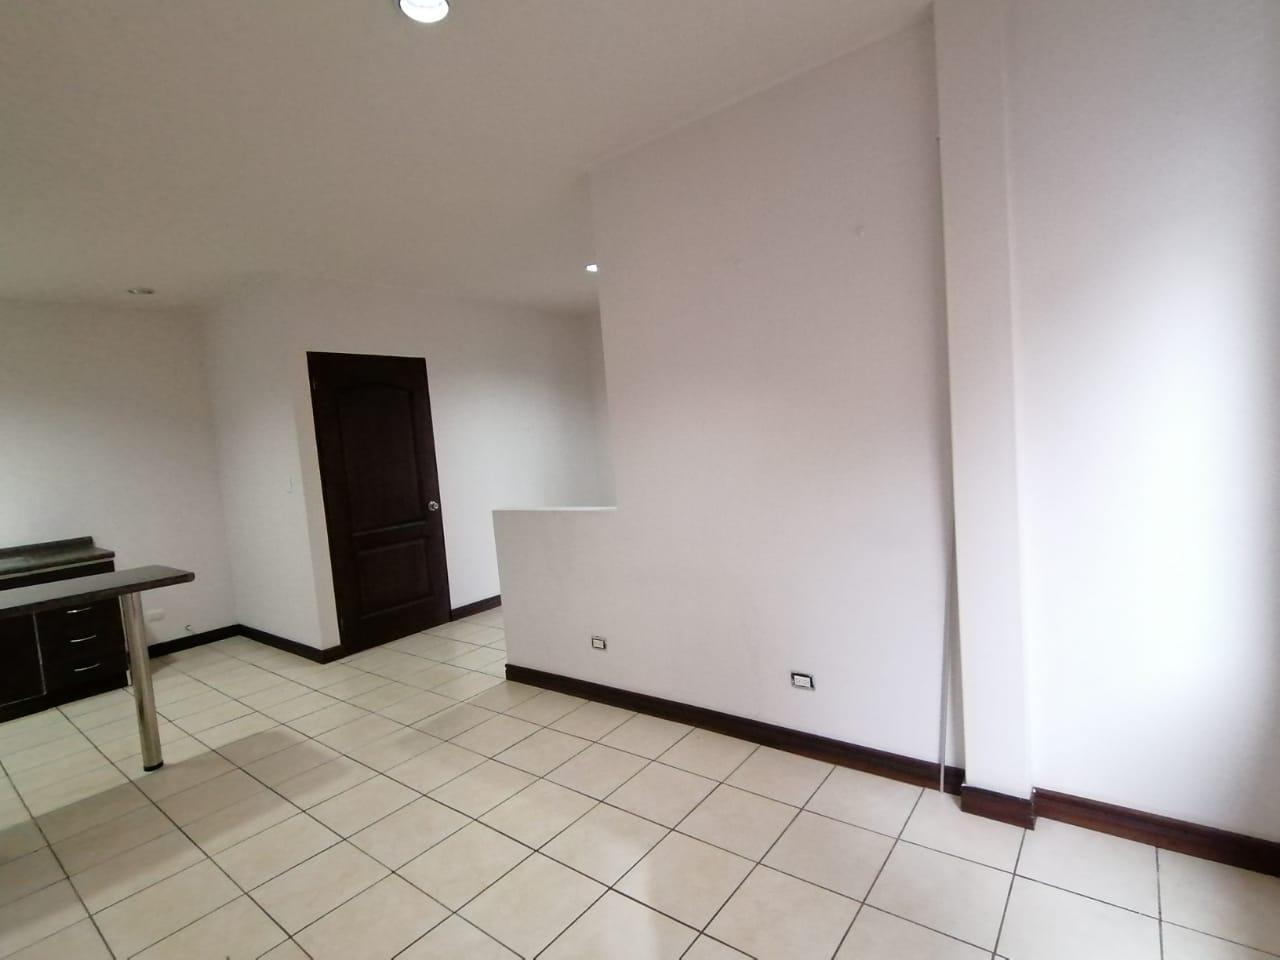 3173 Se Alquila Apartamento De 2 Habitaciones En Rohrmoser